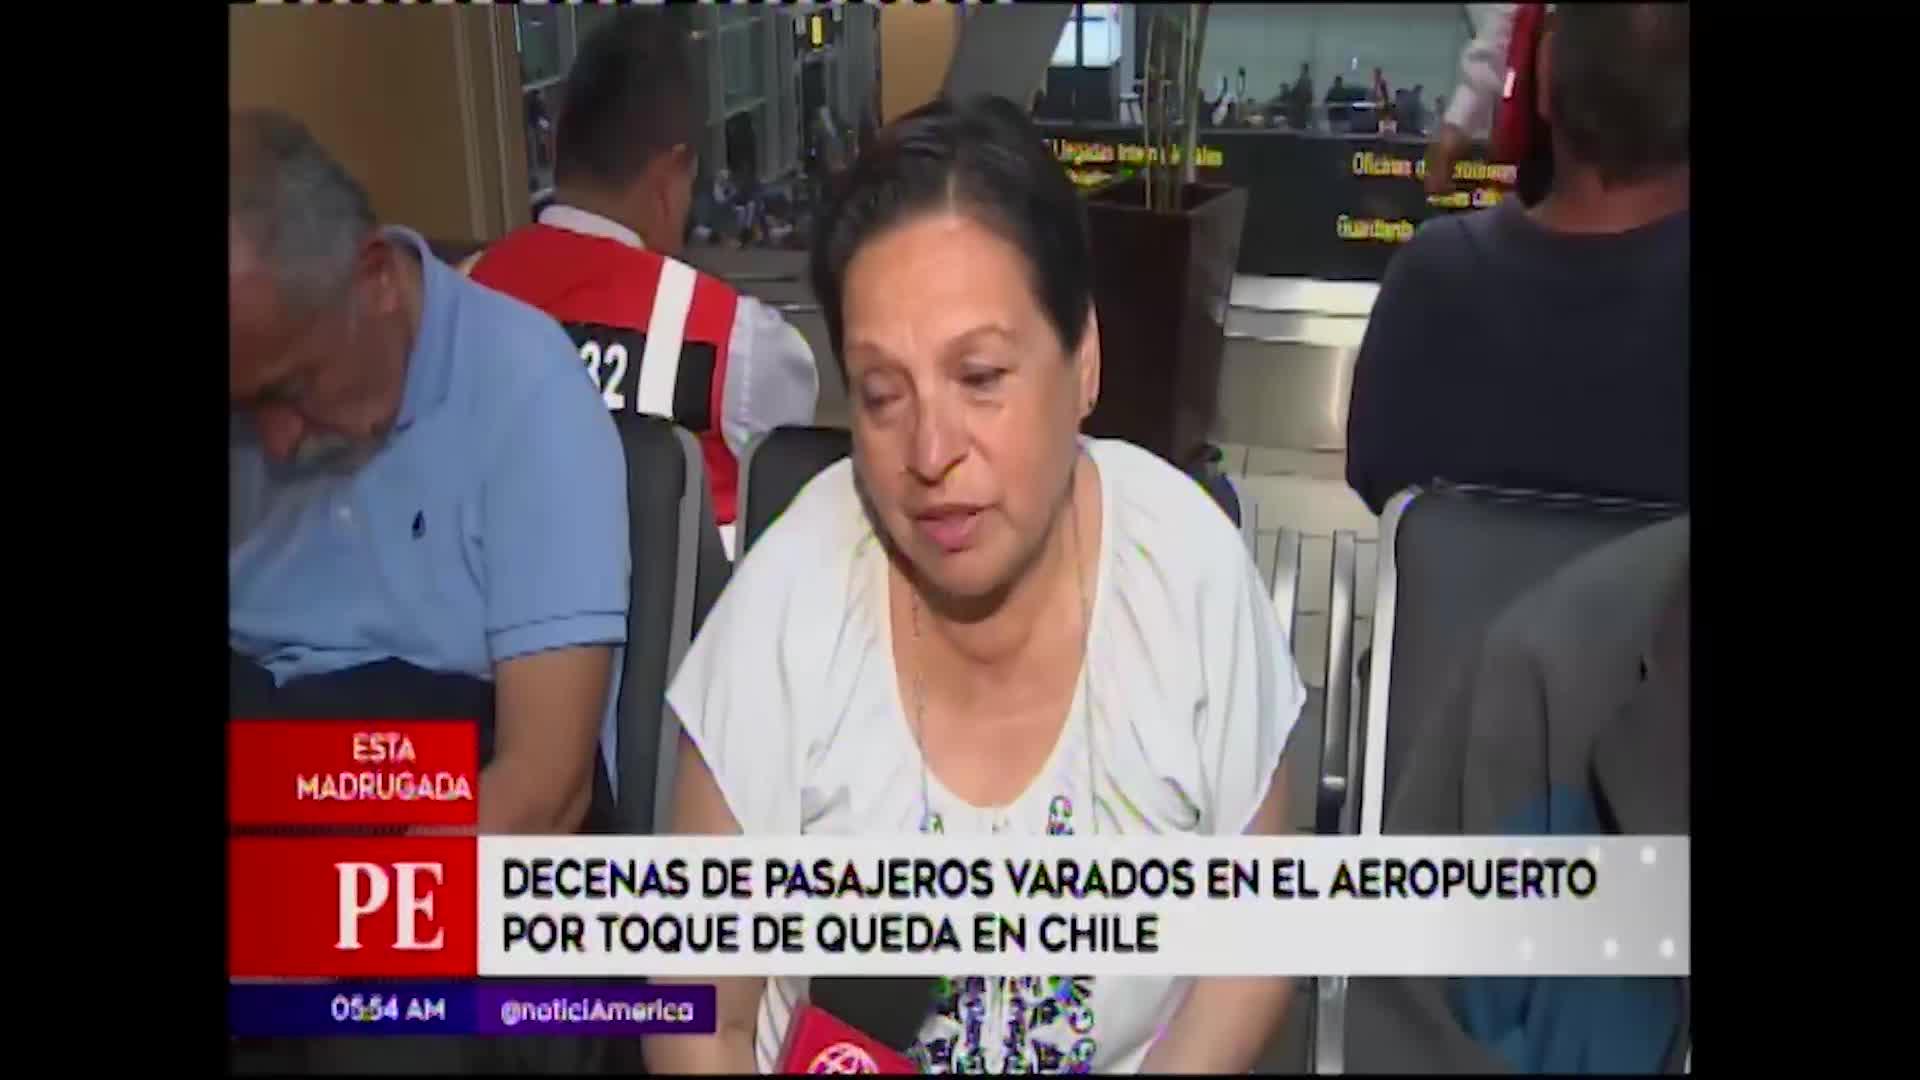 Lima: pasajeros varados en aeropuerto por toque de queda en Chile